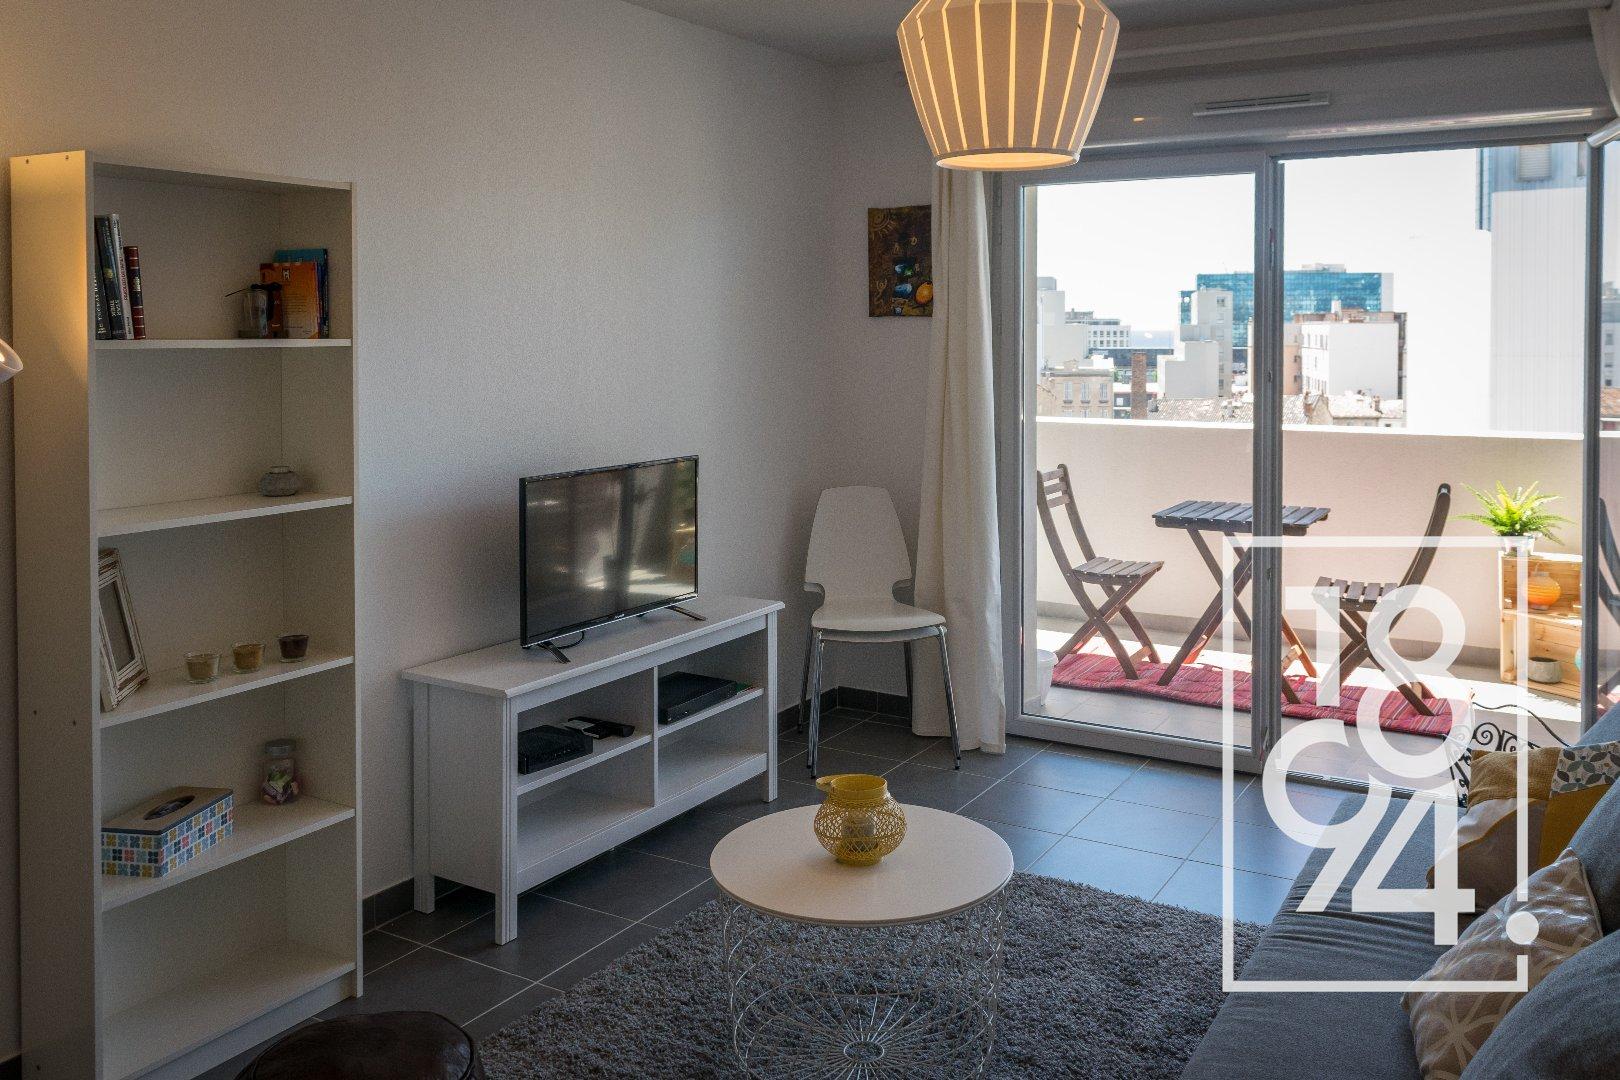 Appartement T2 vendu entièrement meublé